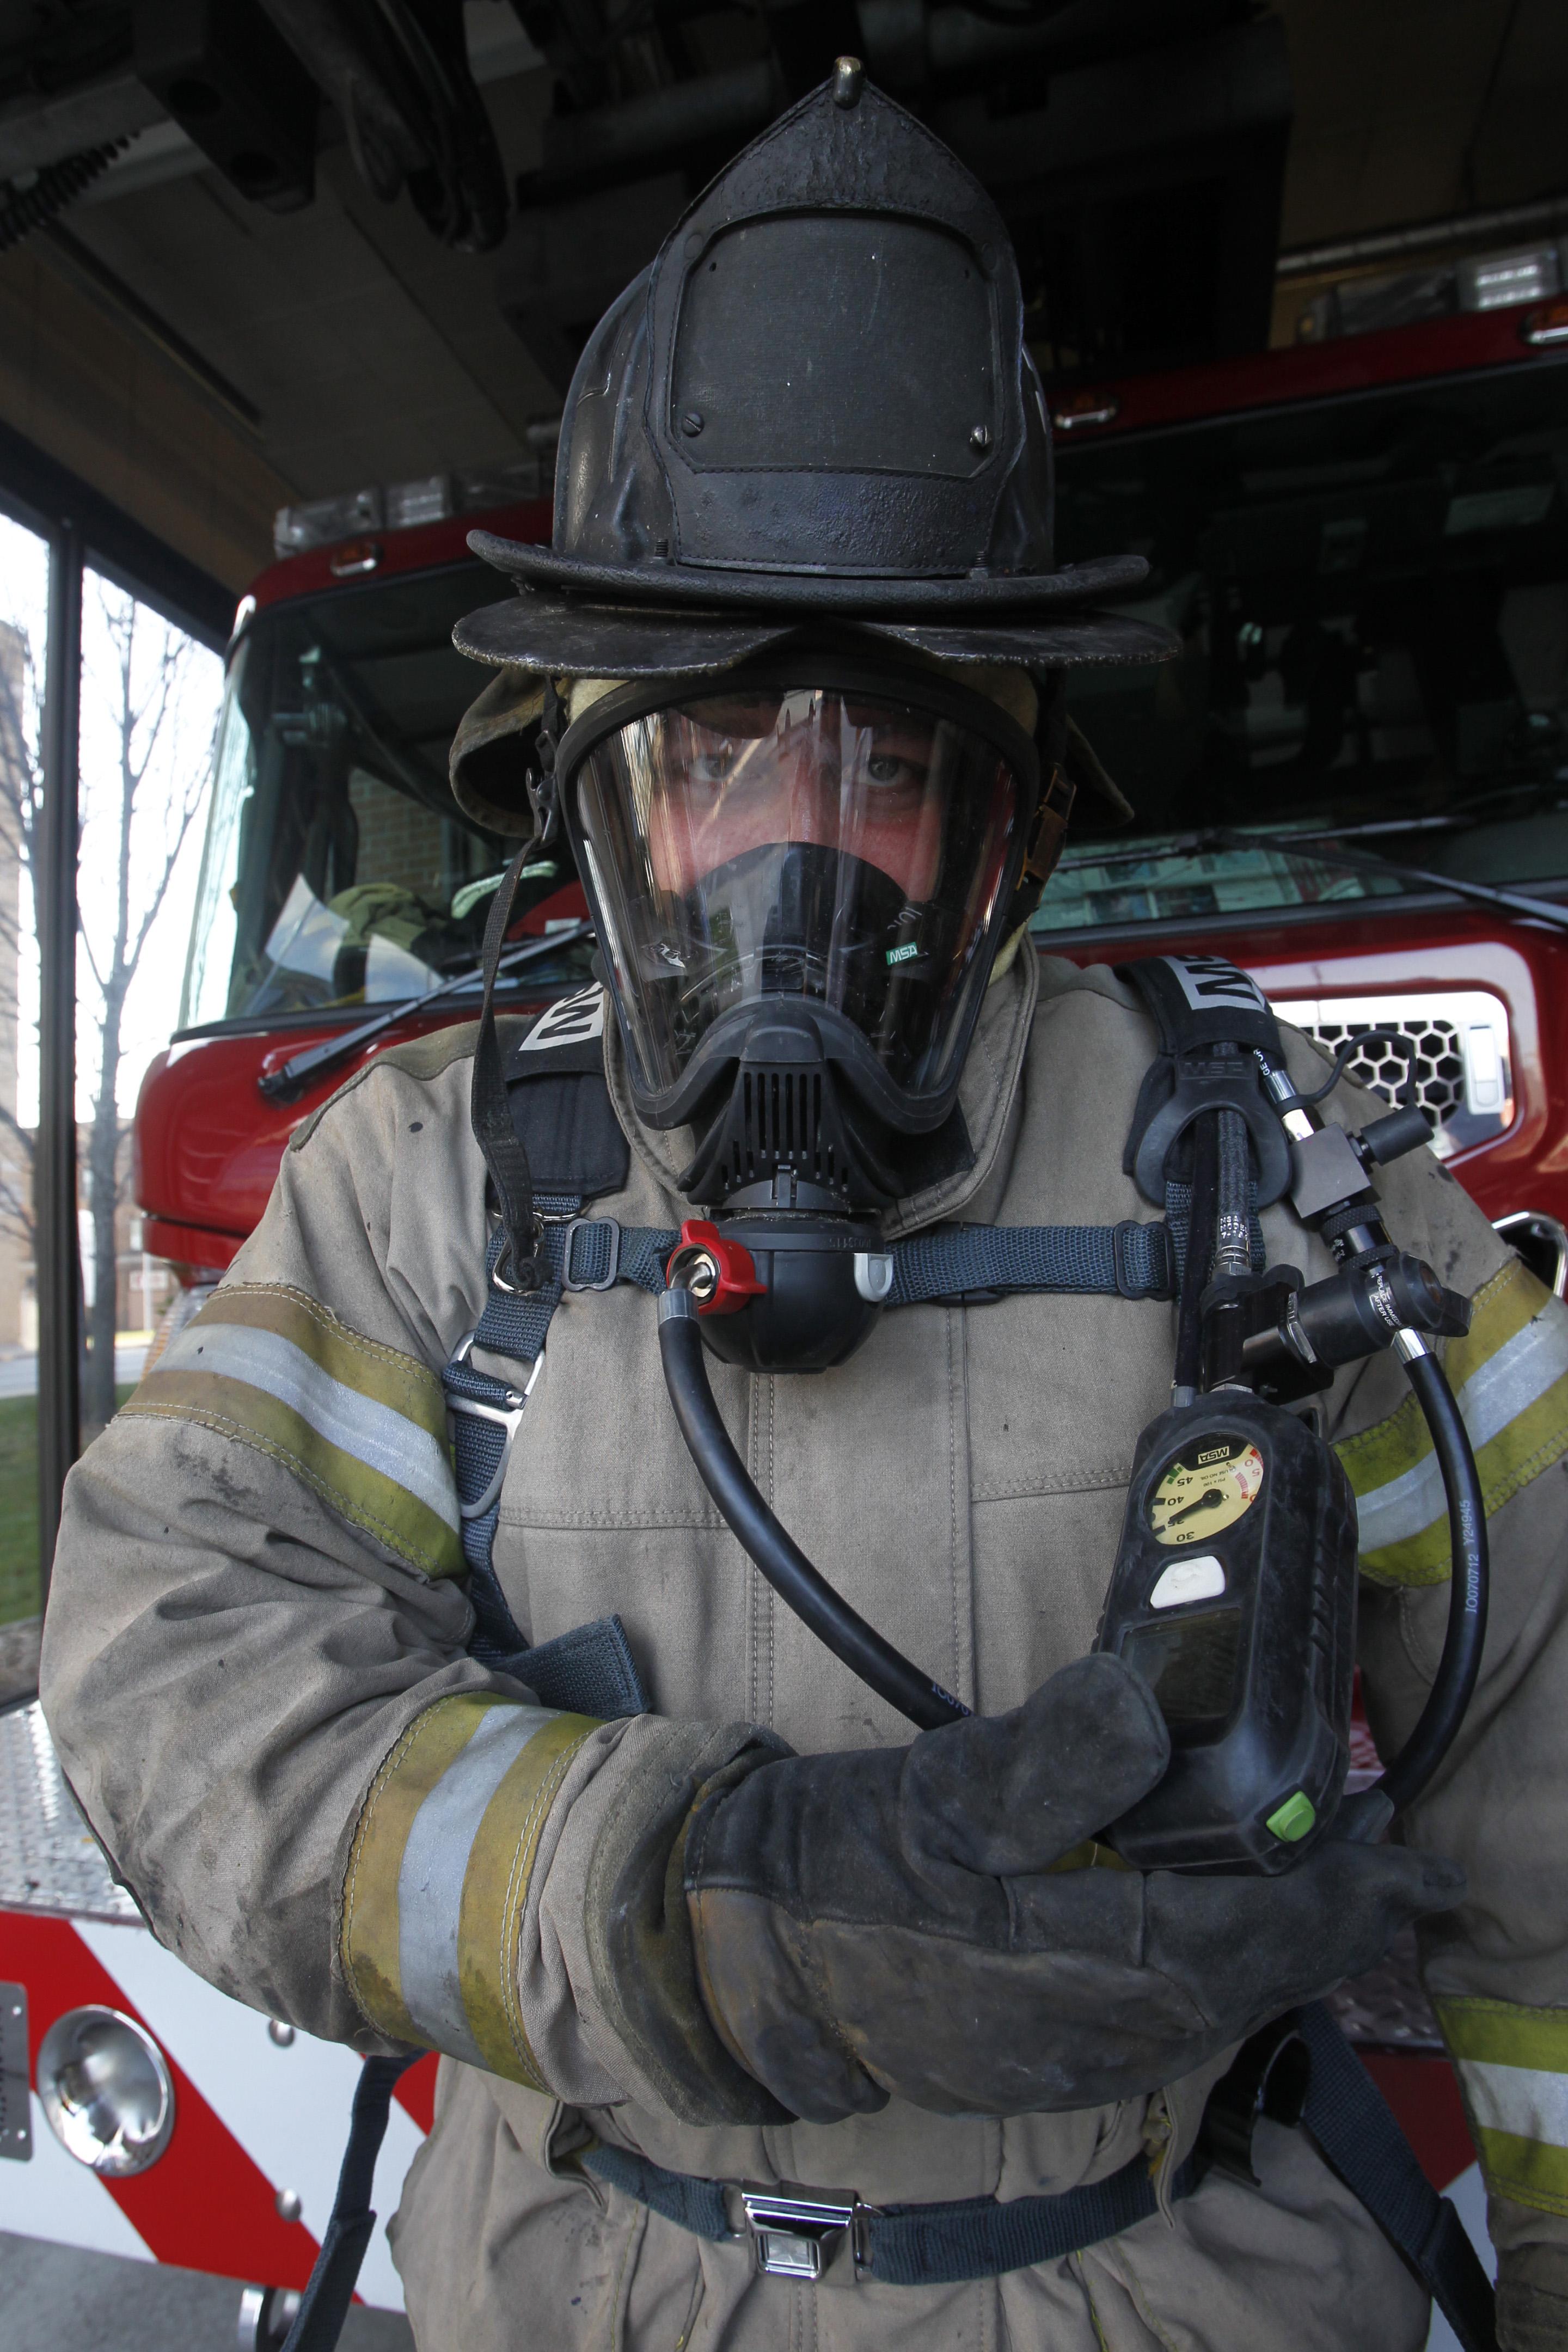 New Gear Helps Firefighters Breathe Easier